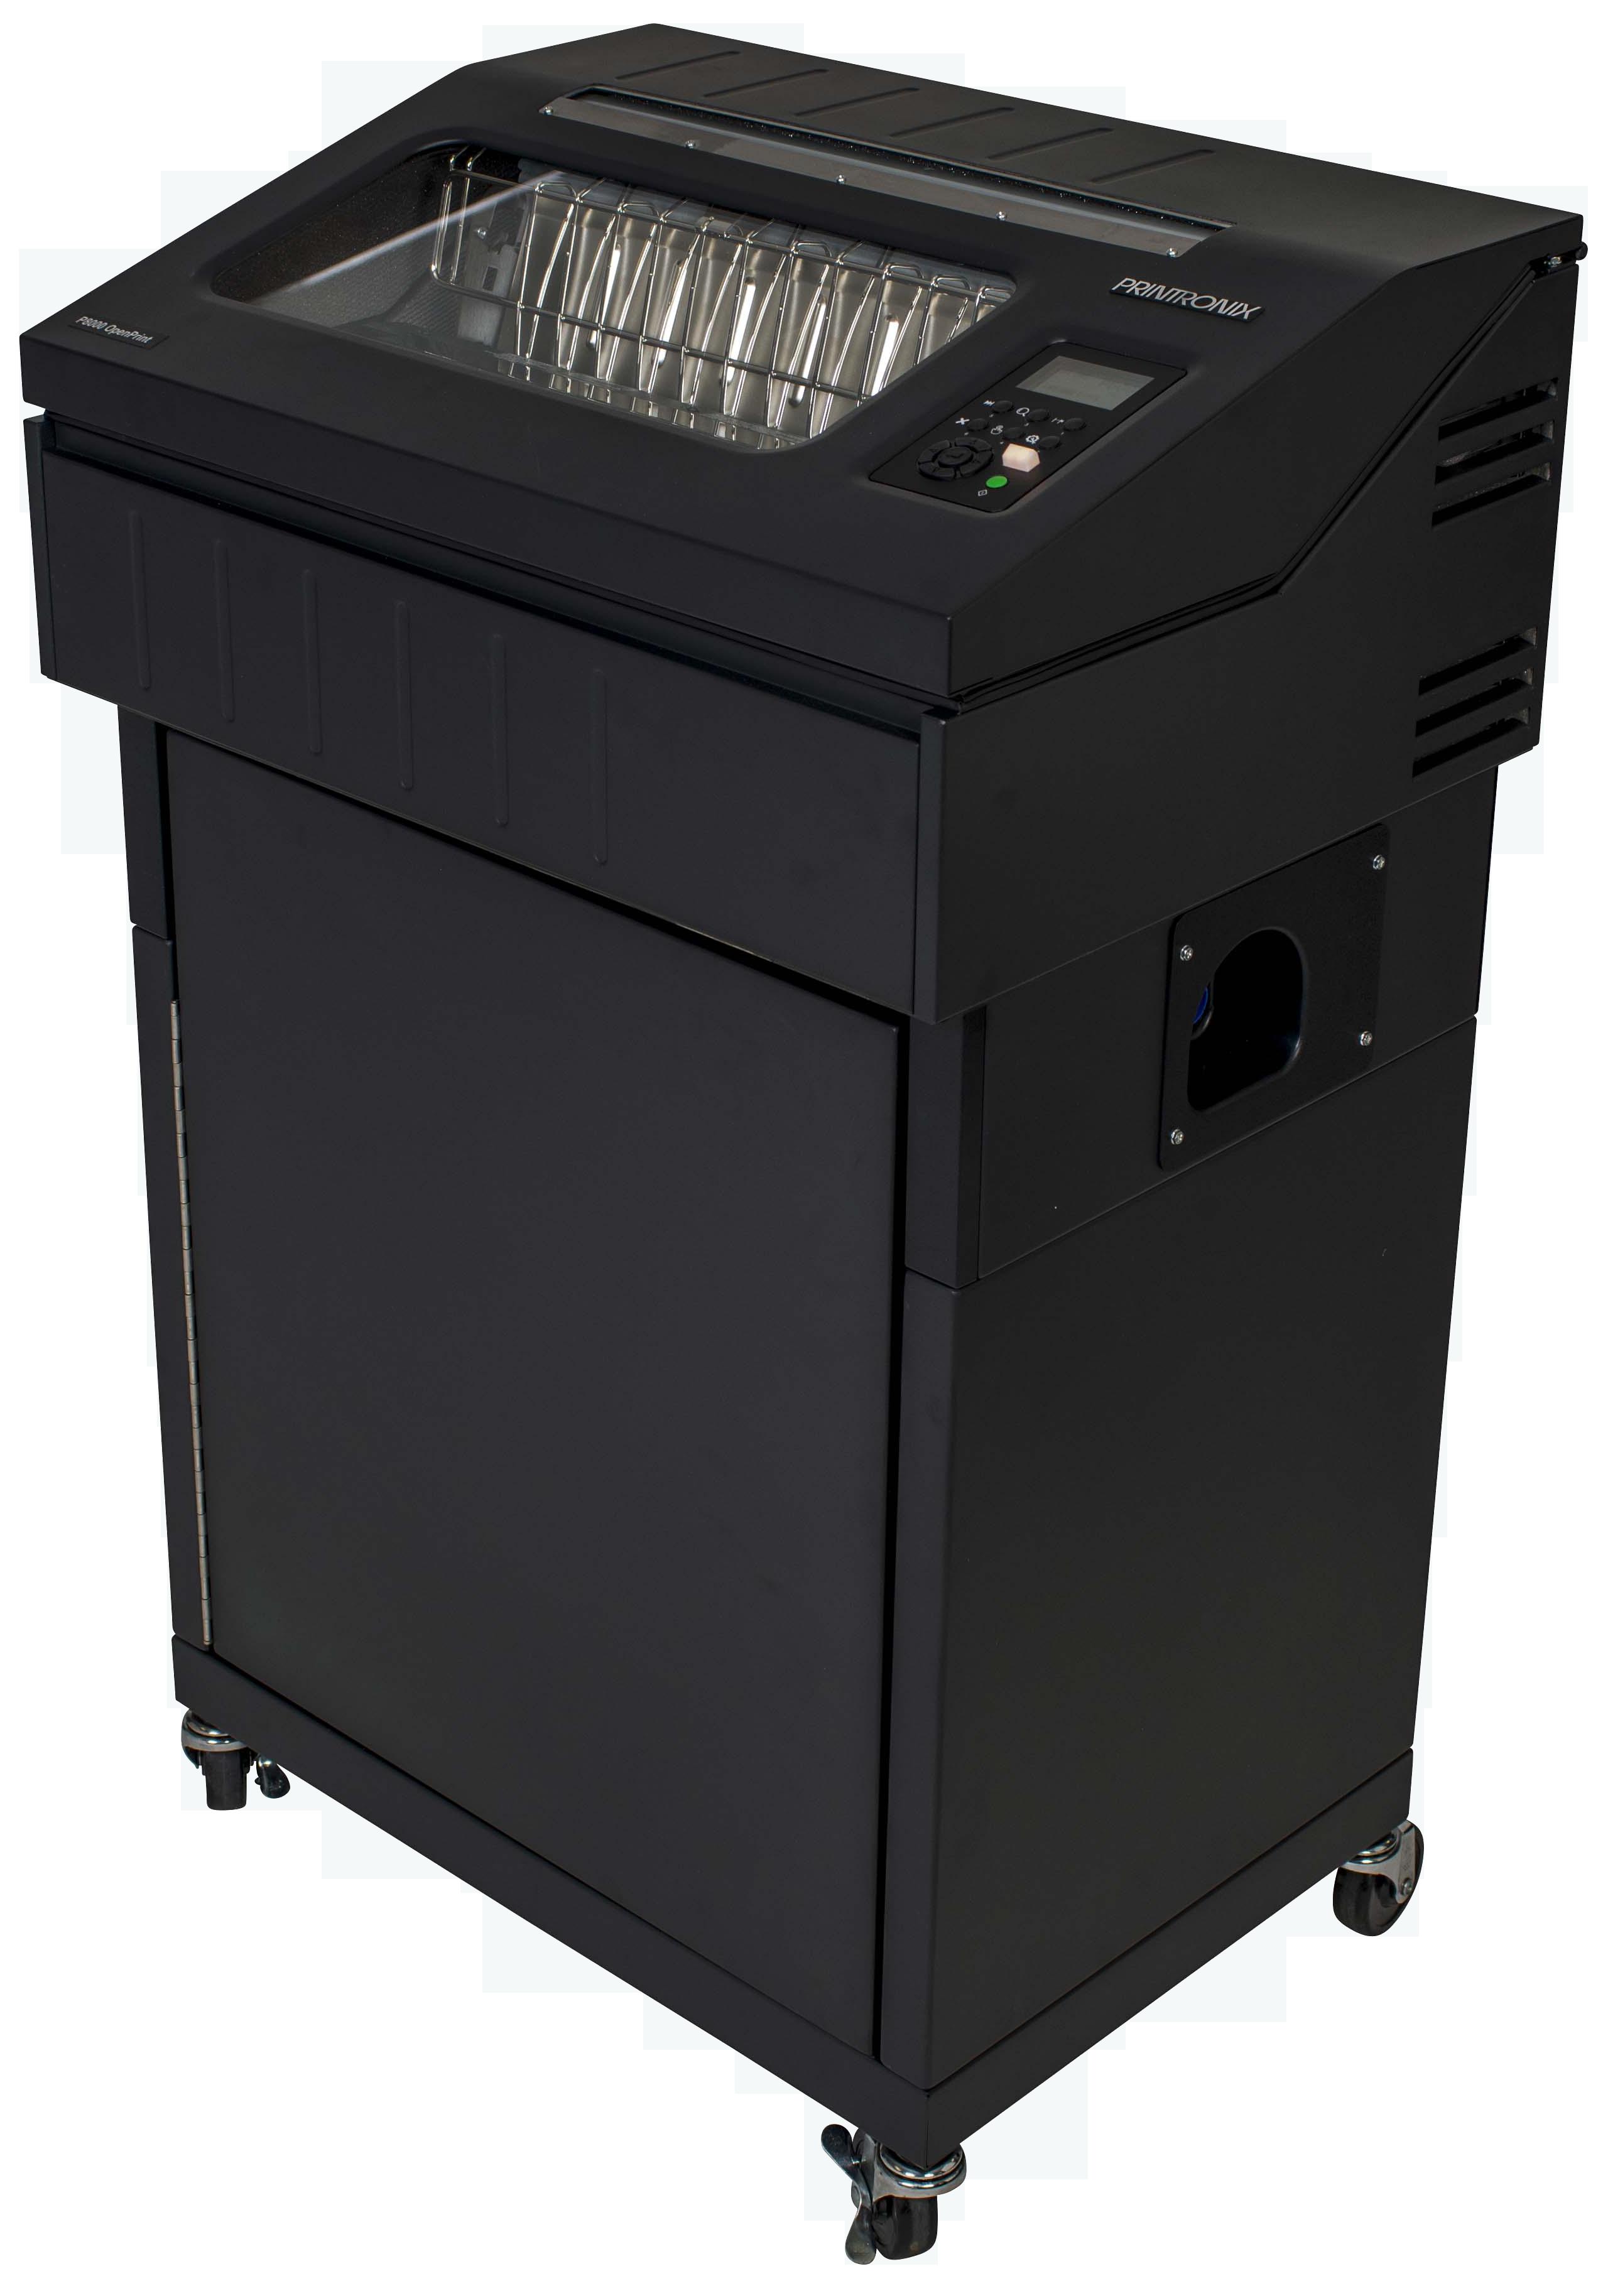 Printronix P8005ZT